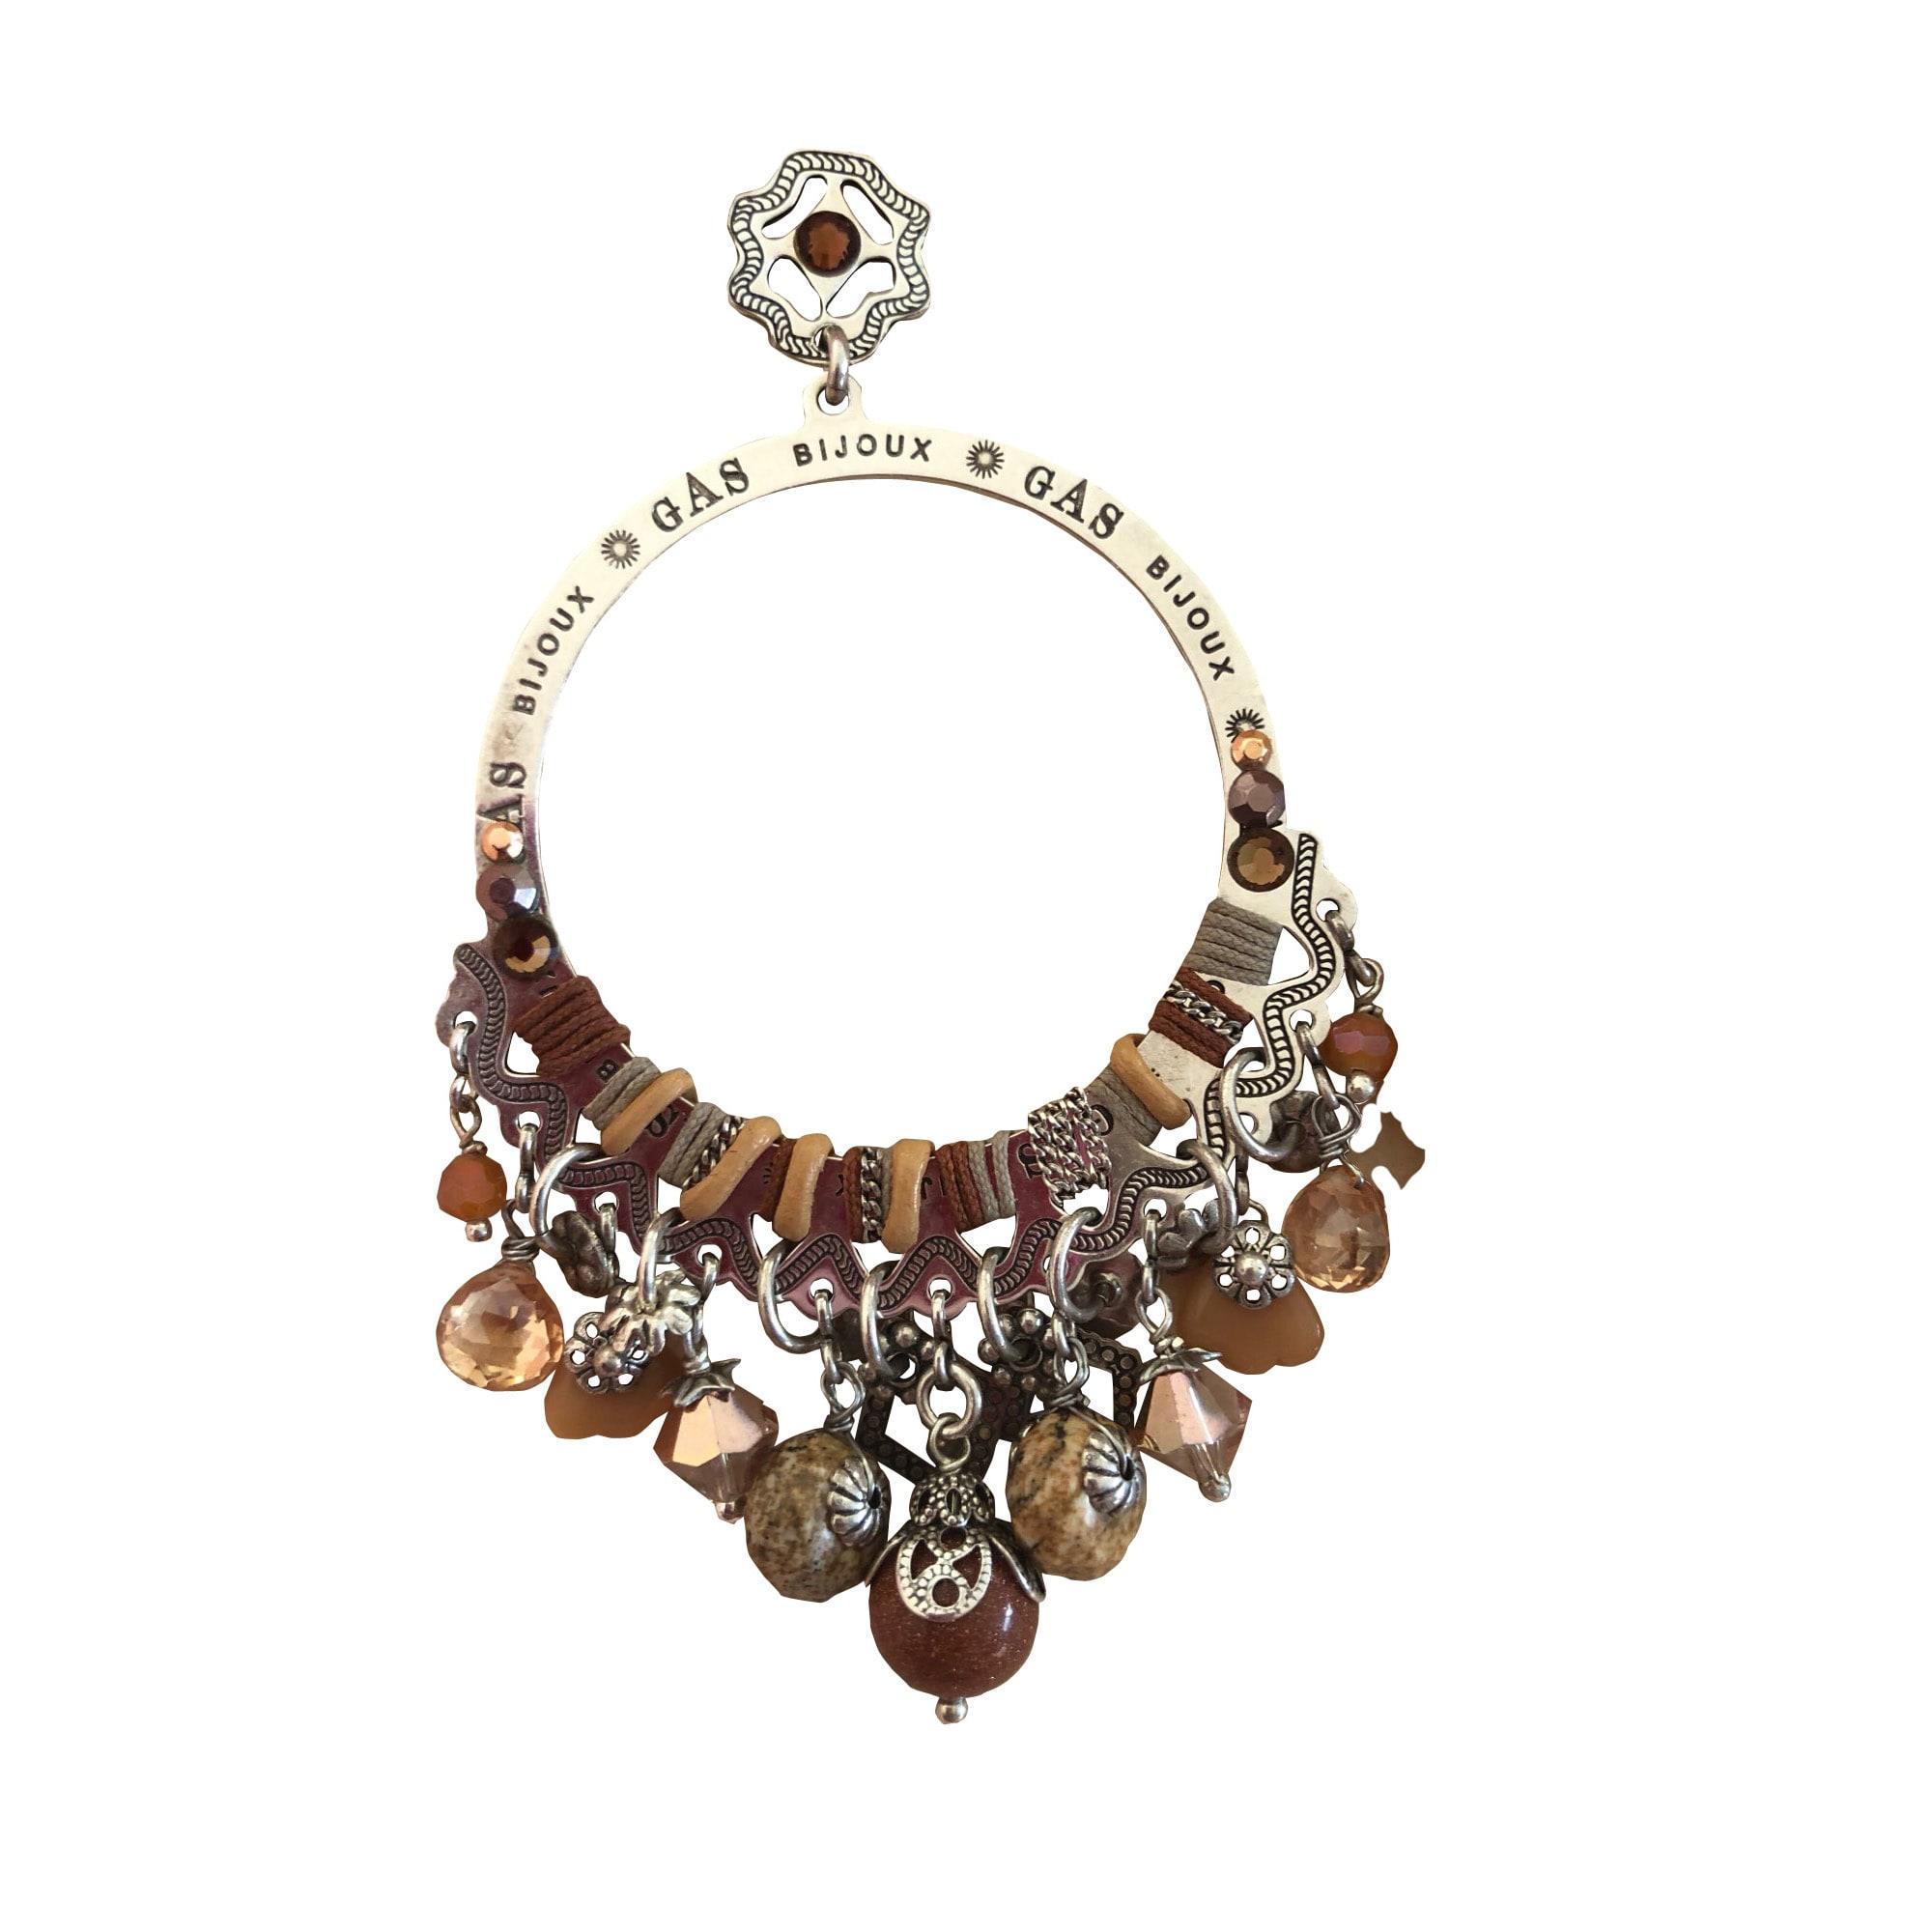 Boucles d'oreille GAS Doré, bronze, cuivre